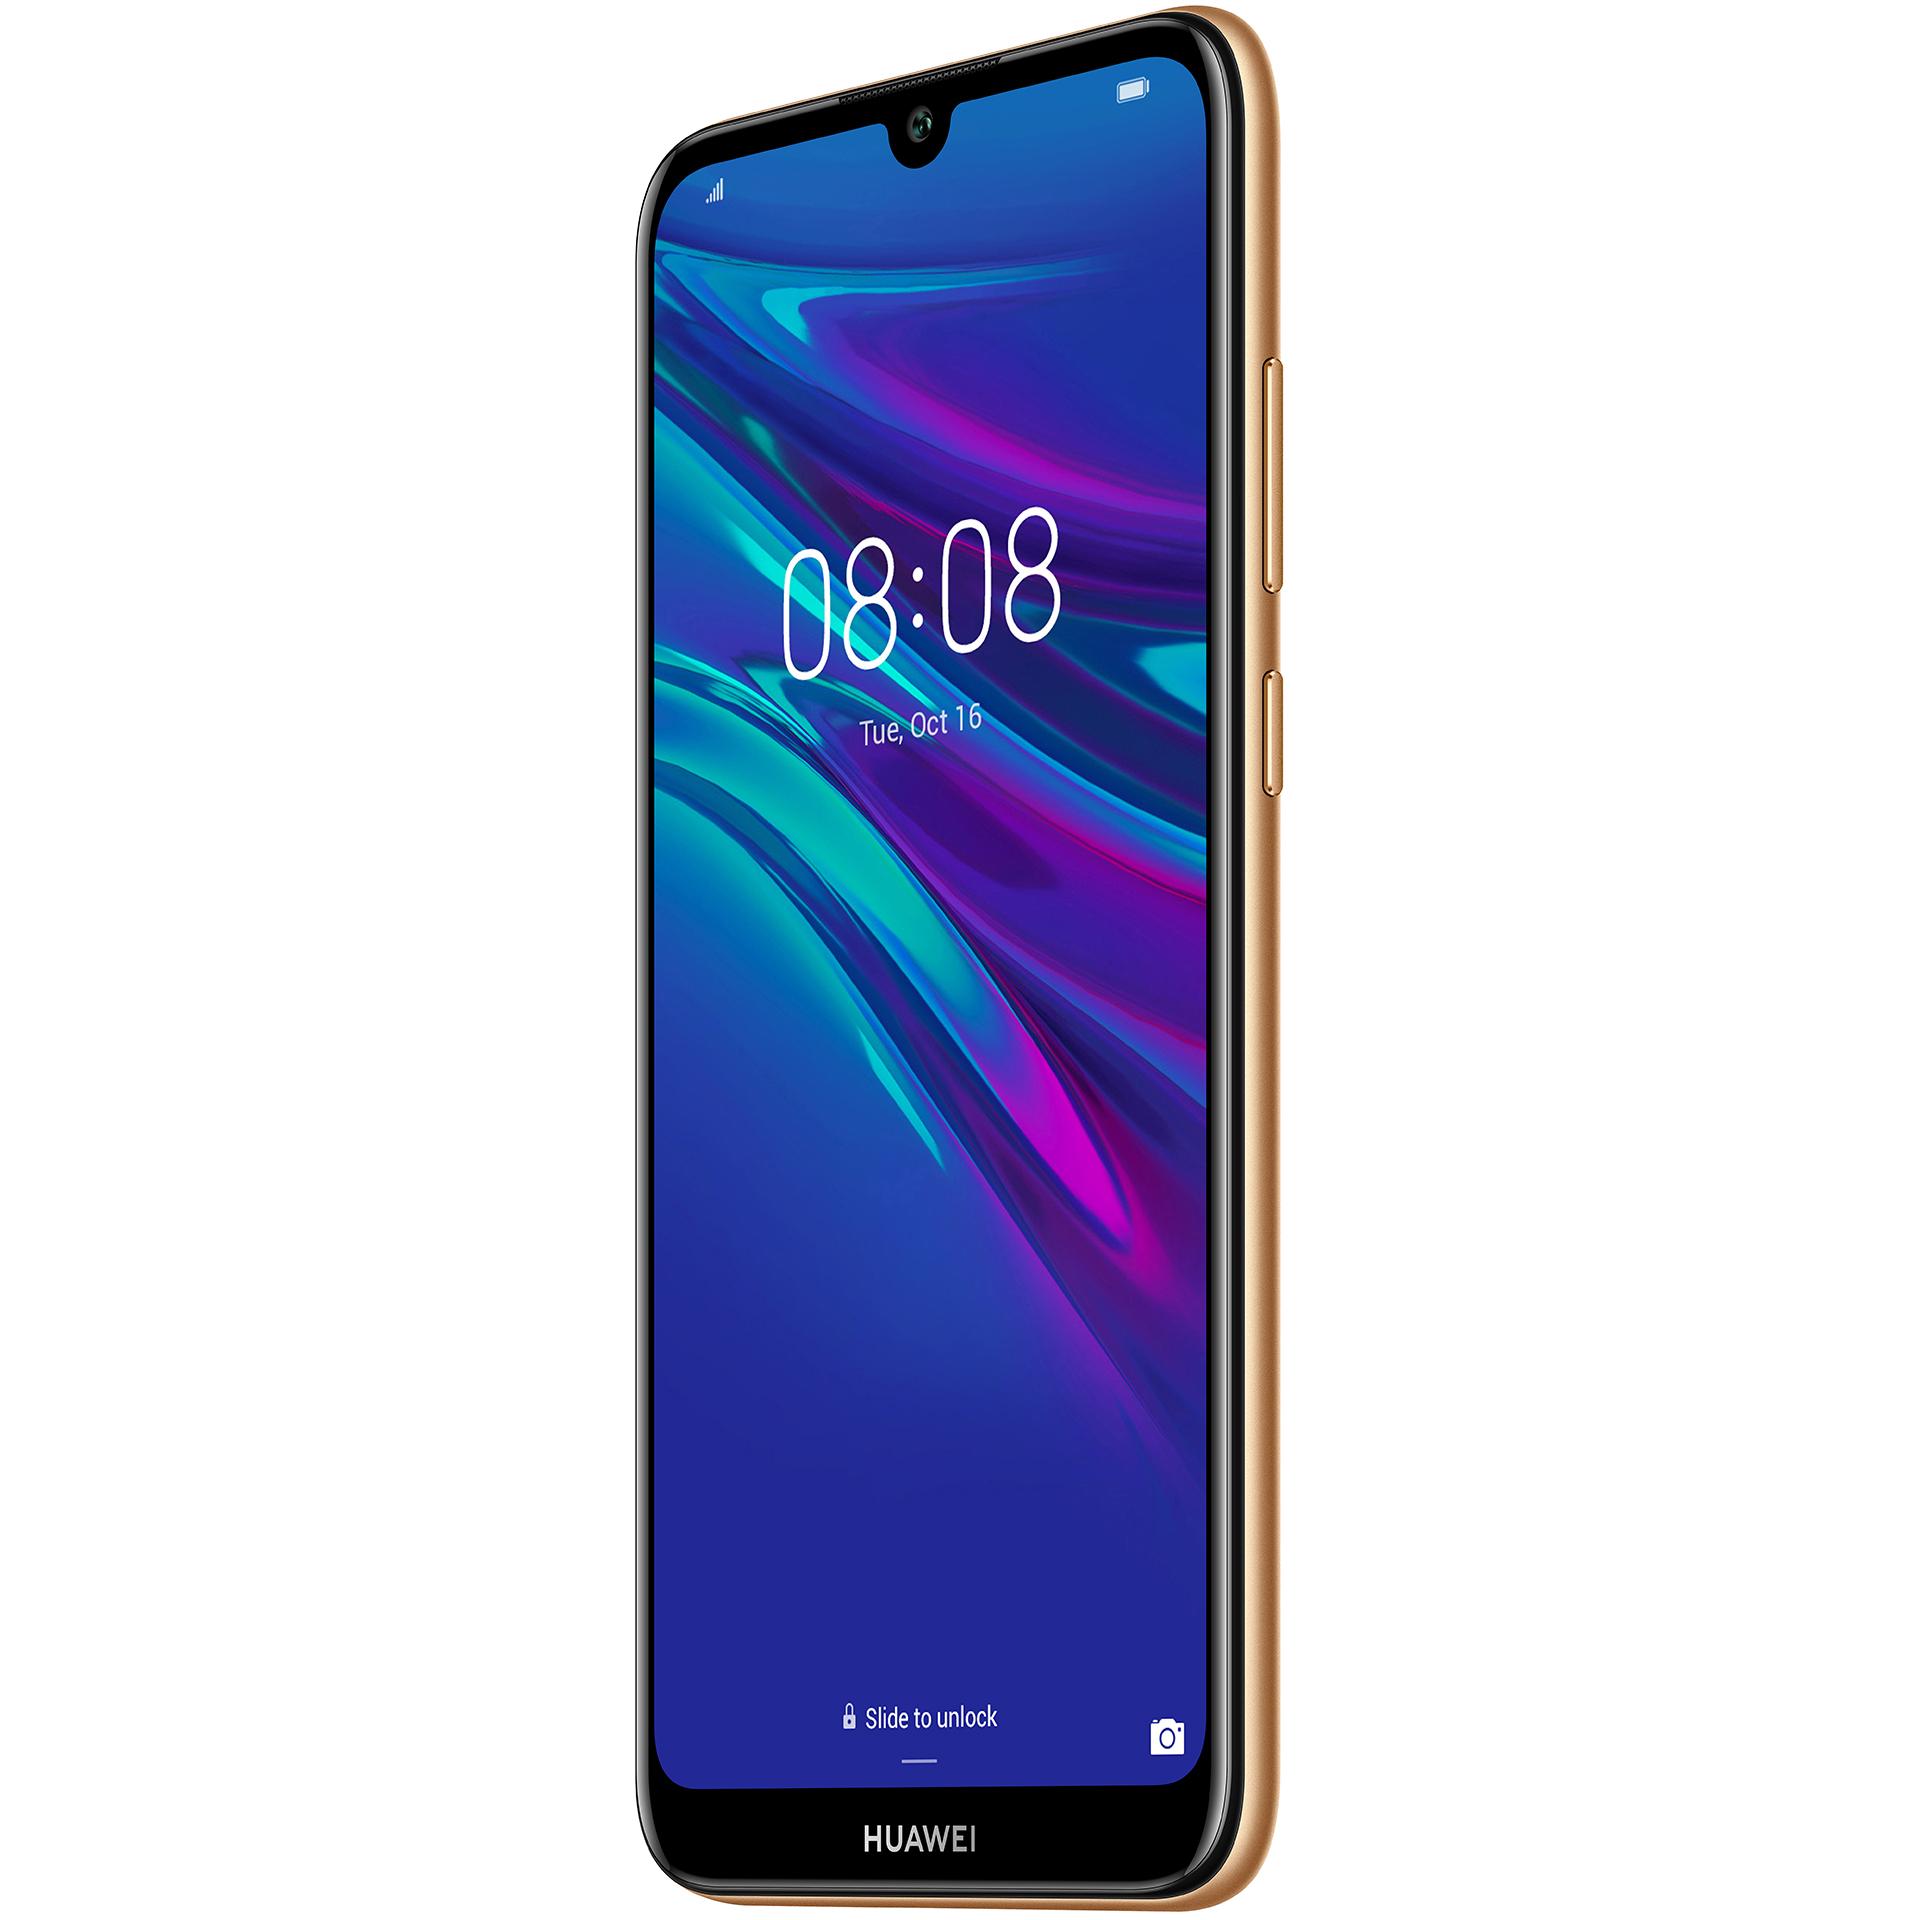 mobiiltelefon Huawei Y6 2019  (pruun)